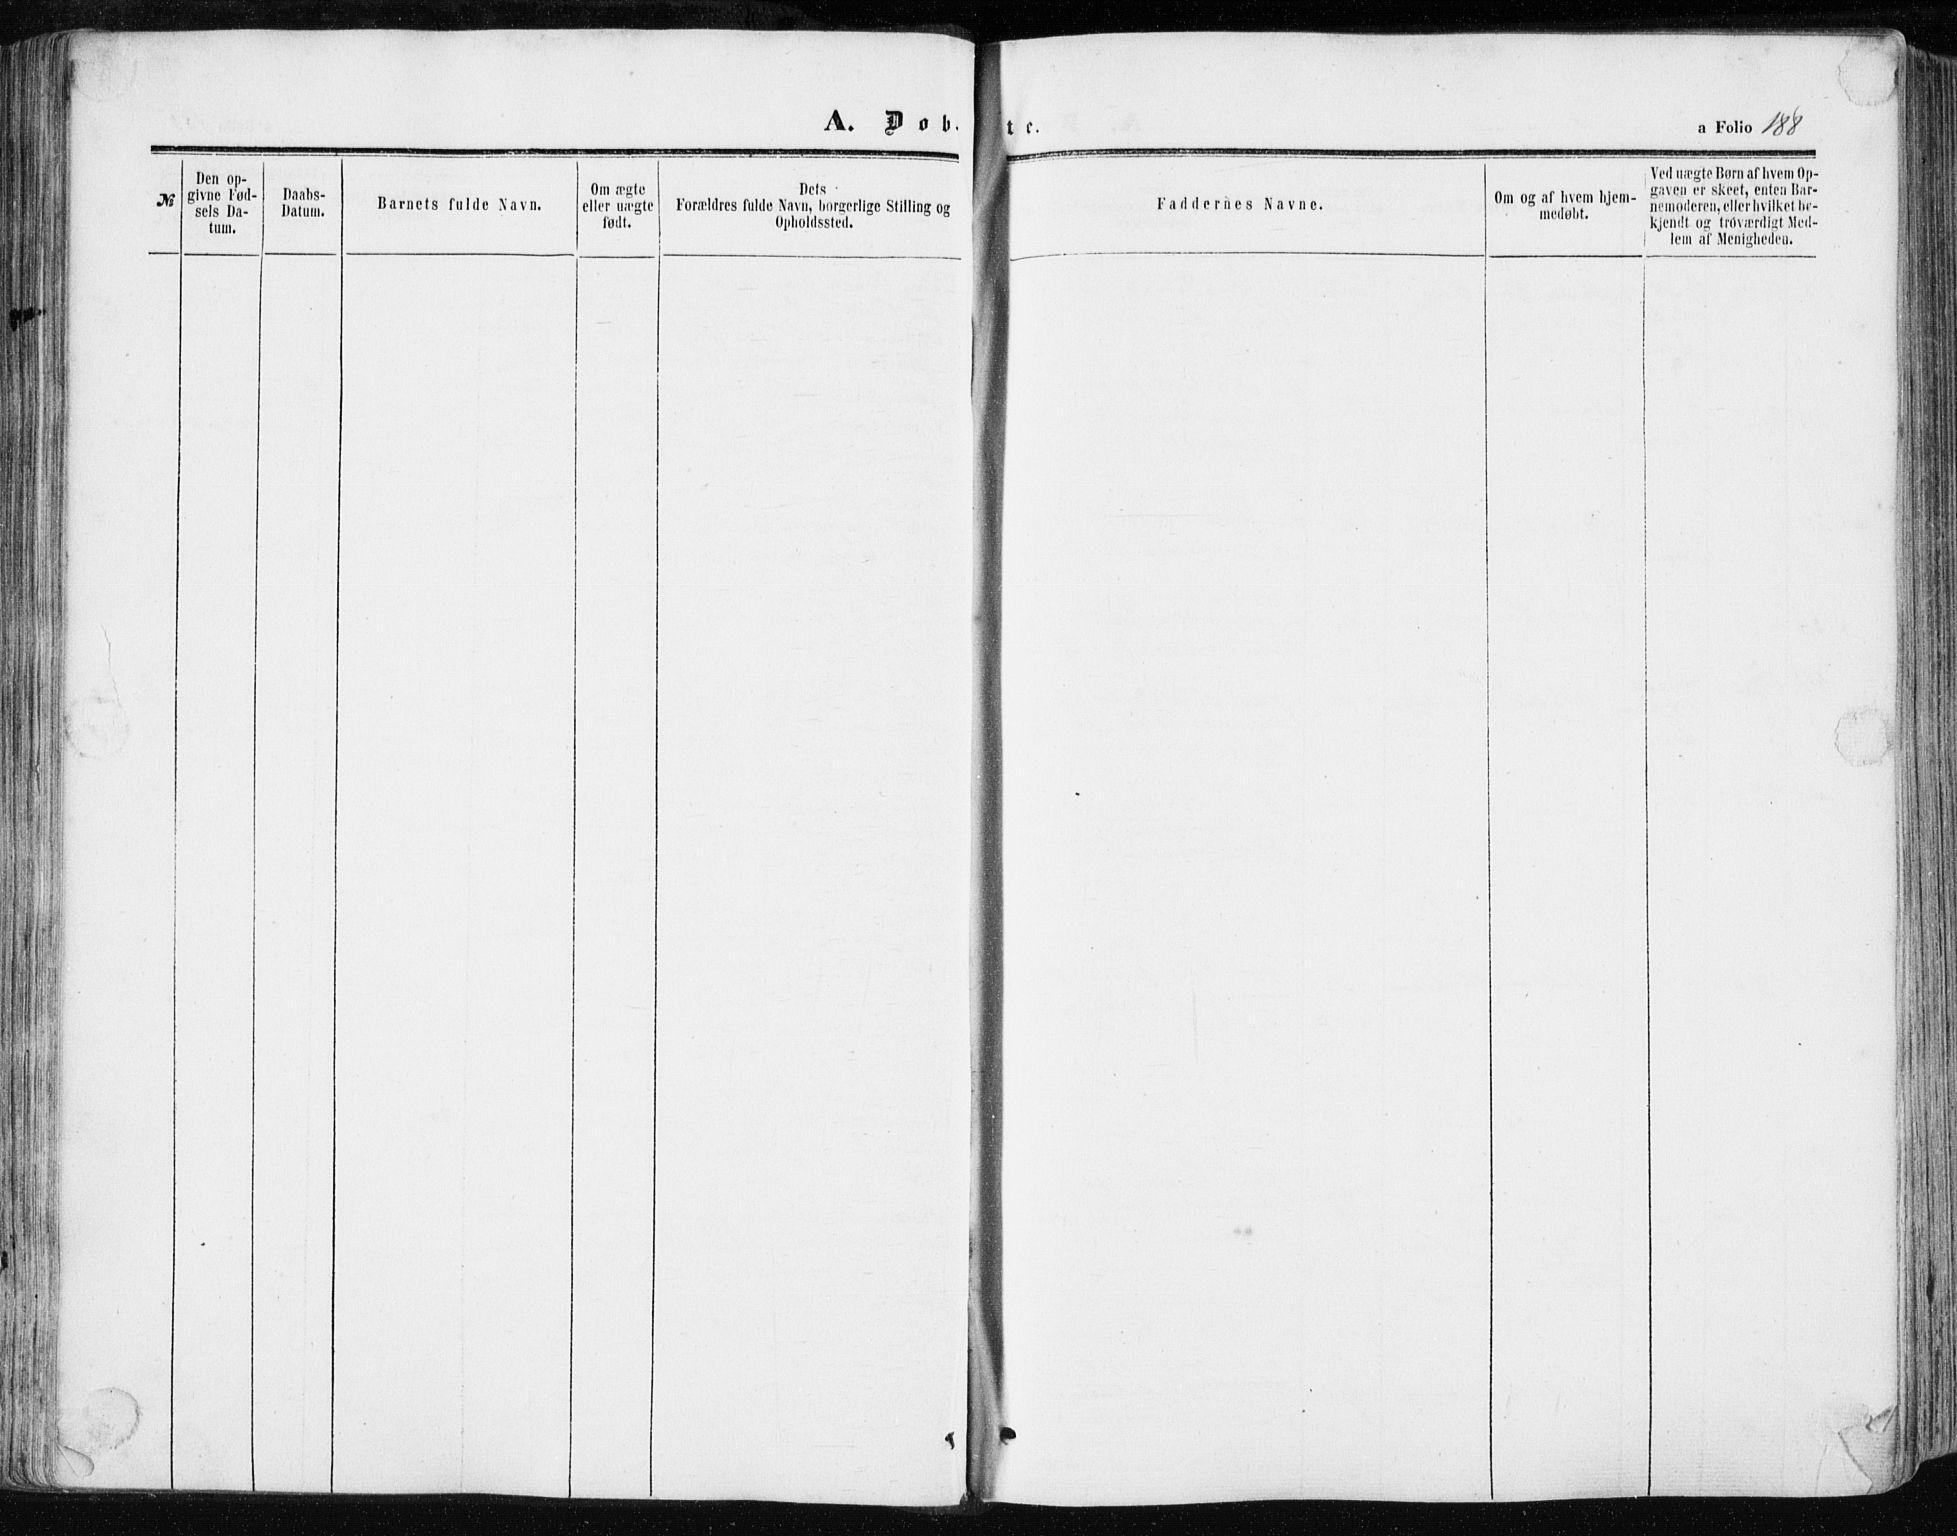 SAT, Ministerialprotokoller, klokkerbøker og fødselsregistre - Sør-Trøndelag, 634/L0531: Ministerialbok nr. 634A07, 1861-1870, s. 188